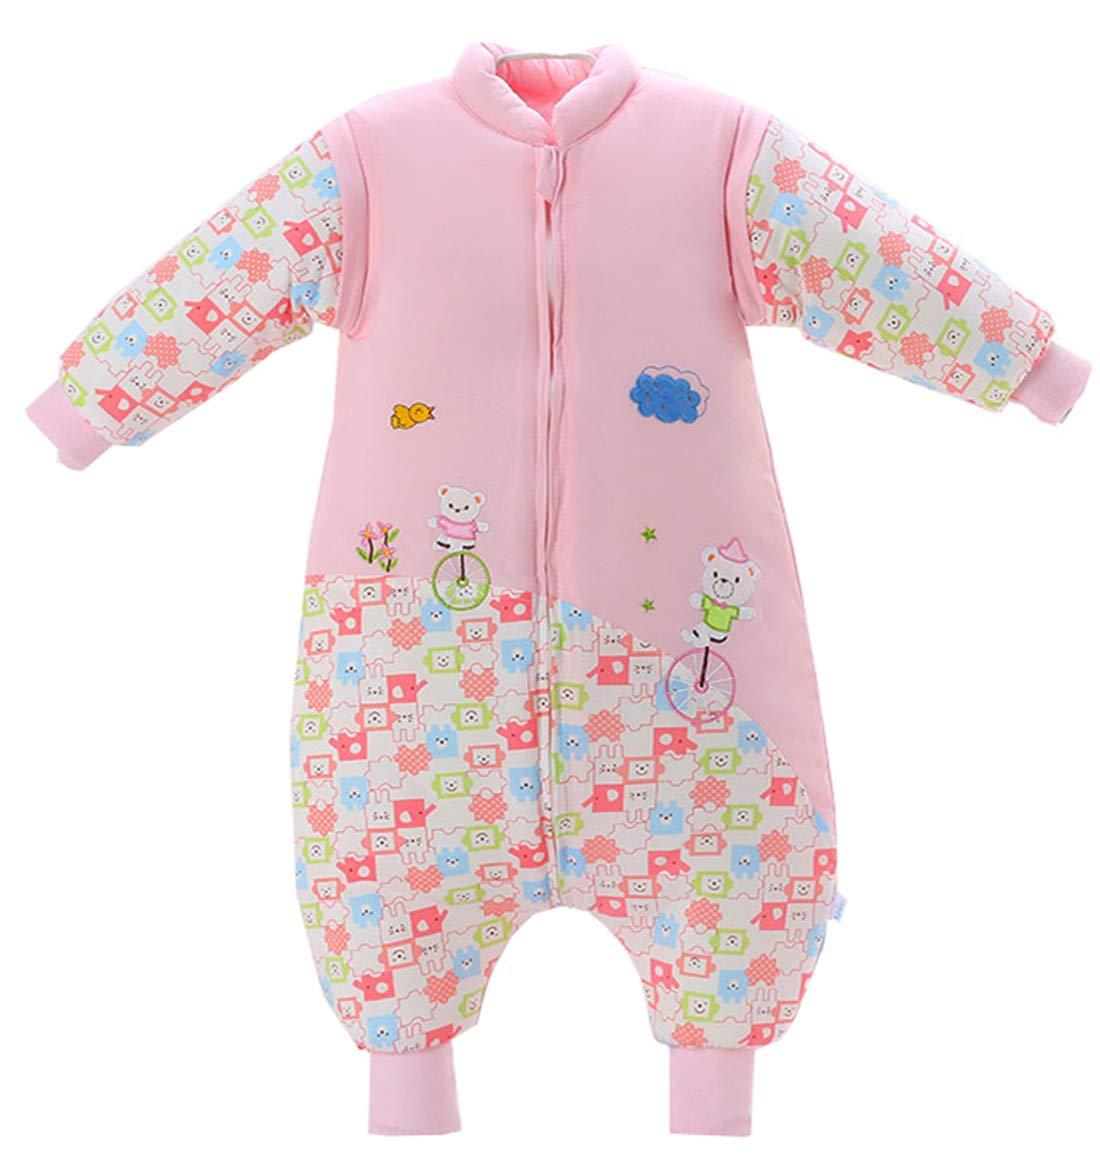 Chilsuessy Baby Schlafsack mit Füßen Winter Kinderschlafsack Jungen Babyschlafsack mit Beinen Mädchen,abnehmbar Langarm, Pink, M/Koerpergroesse 70-80cm